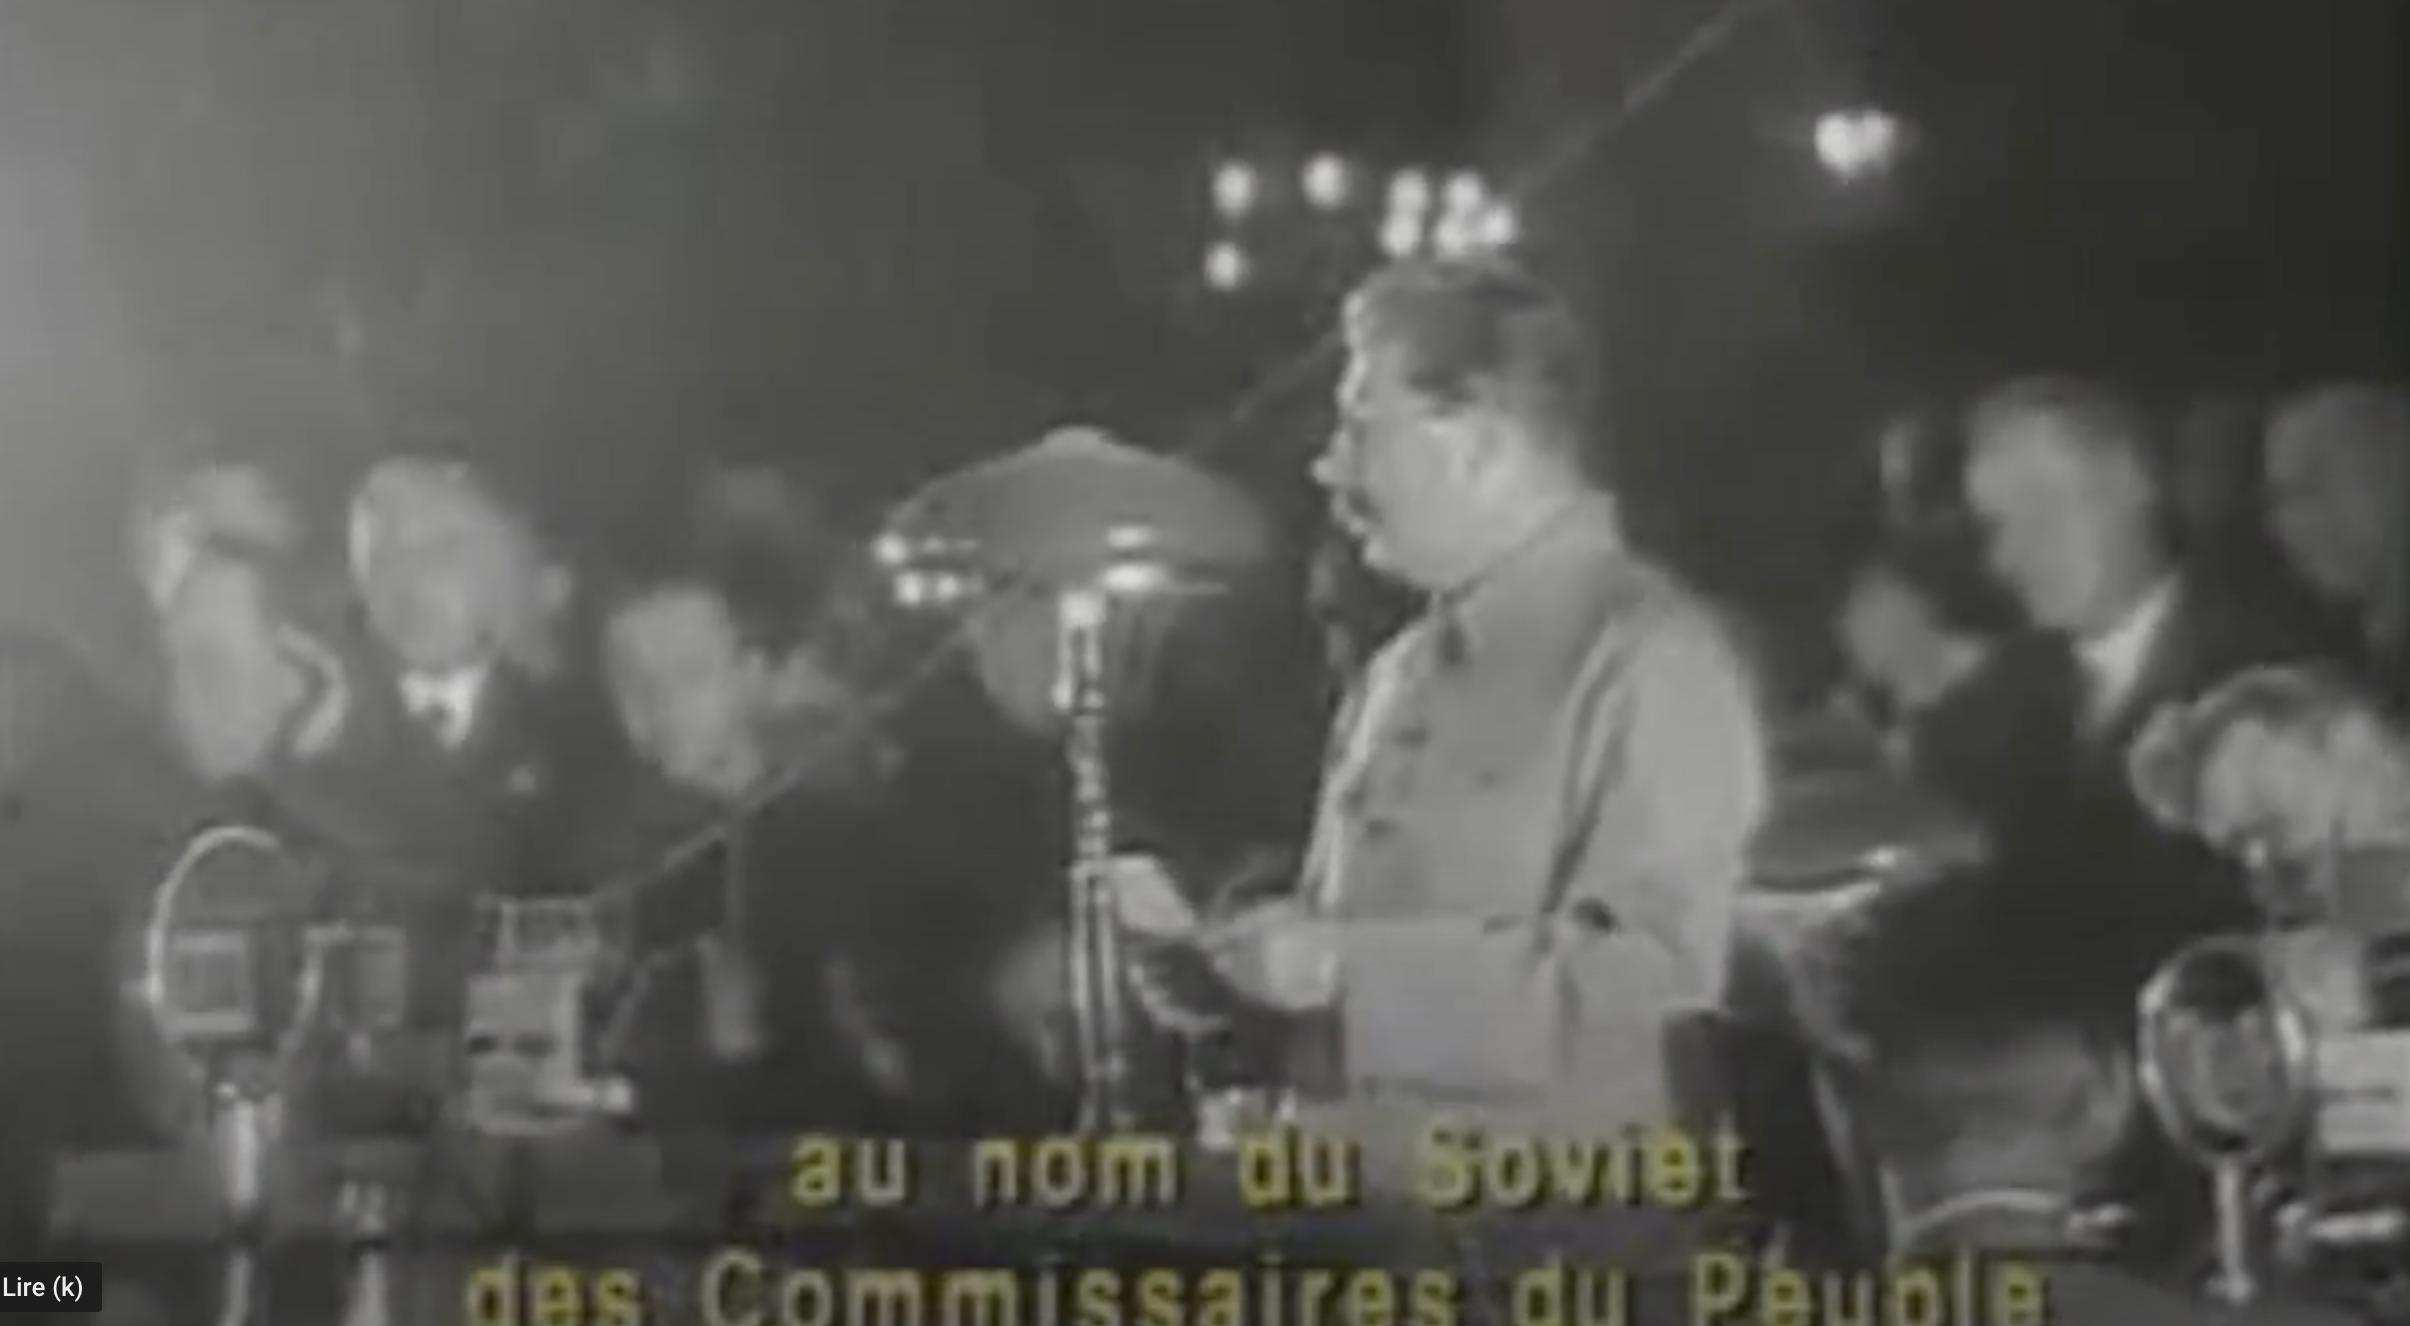 Petit guide de décryptage de l'allocution présidentielle, copie conforme de la rhétorique communiste de la grande époque